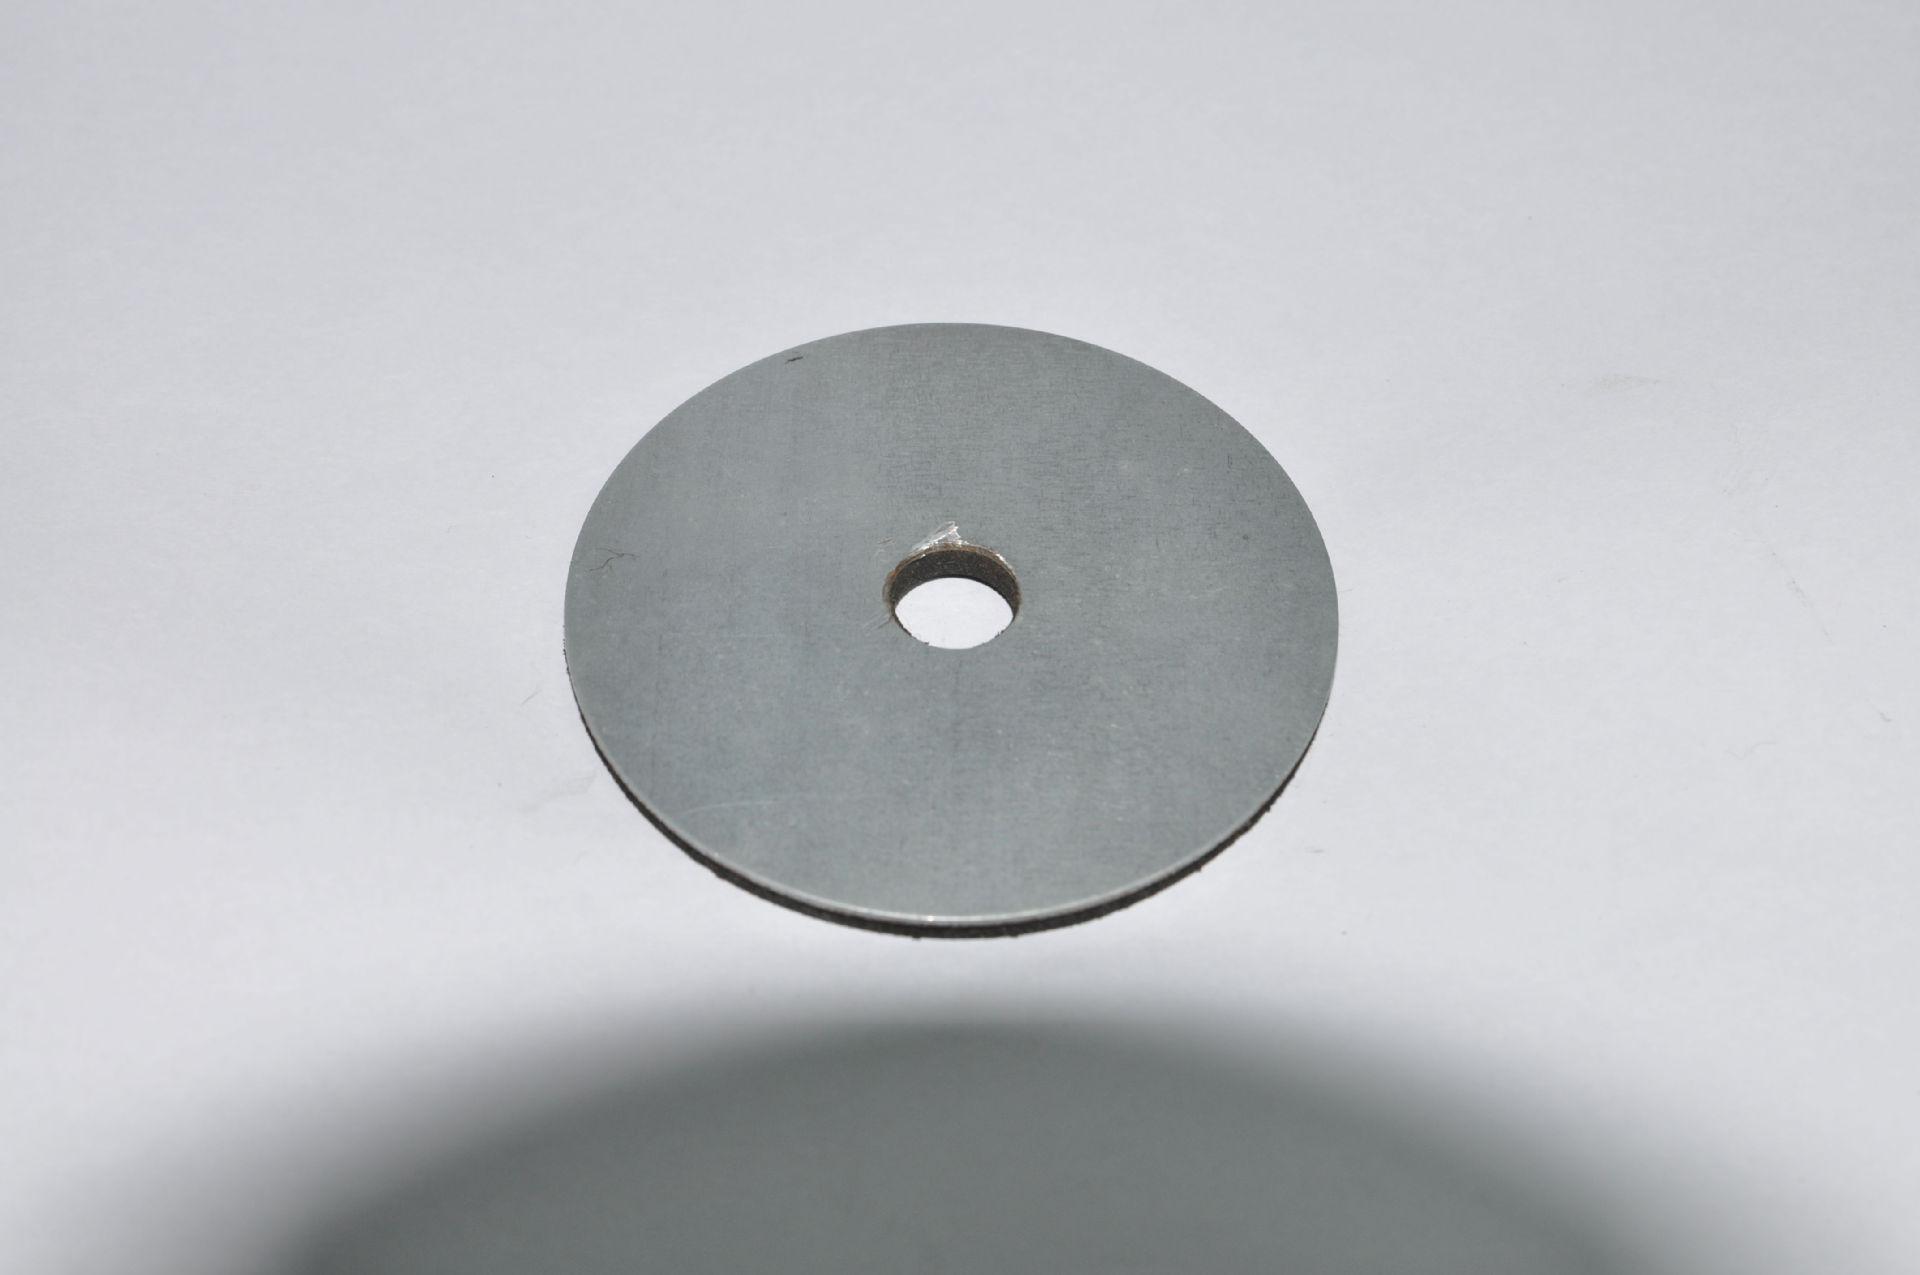 厂家直销连体垫圈Φ50-10mm304+EPDM组合垫大量供应